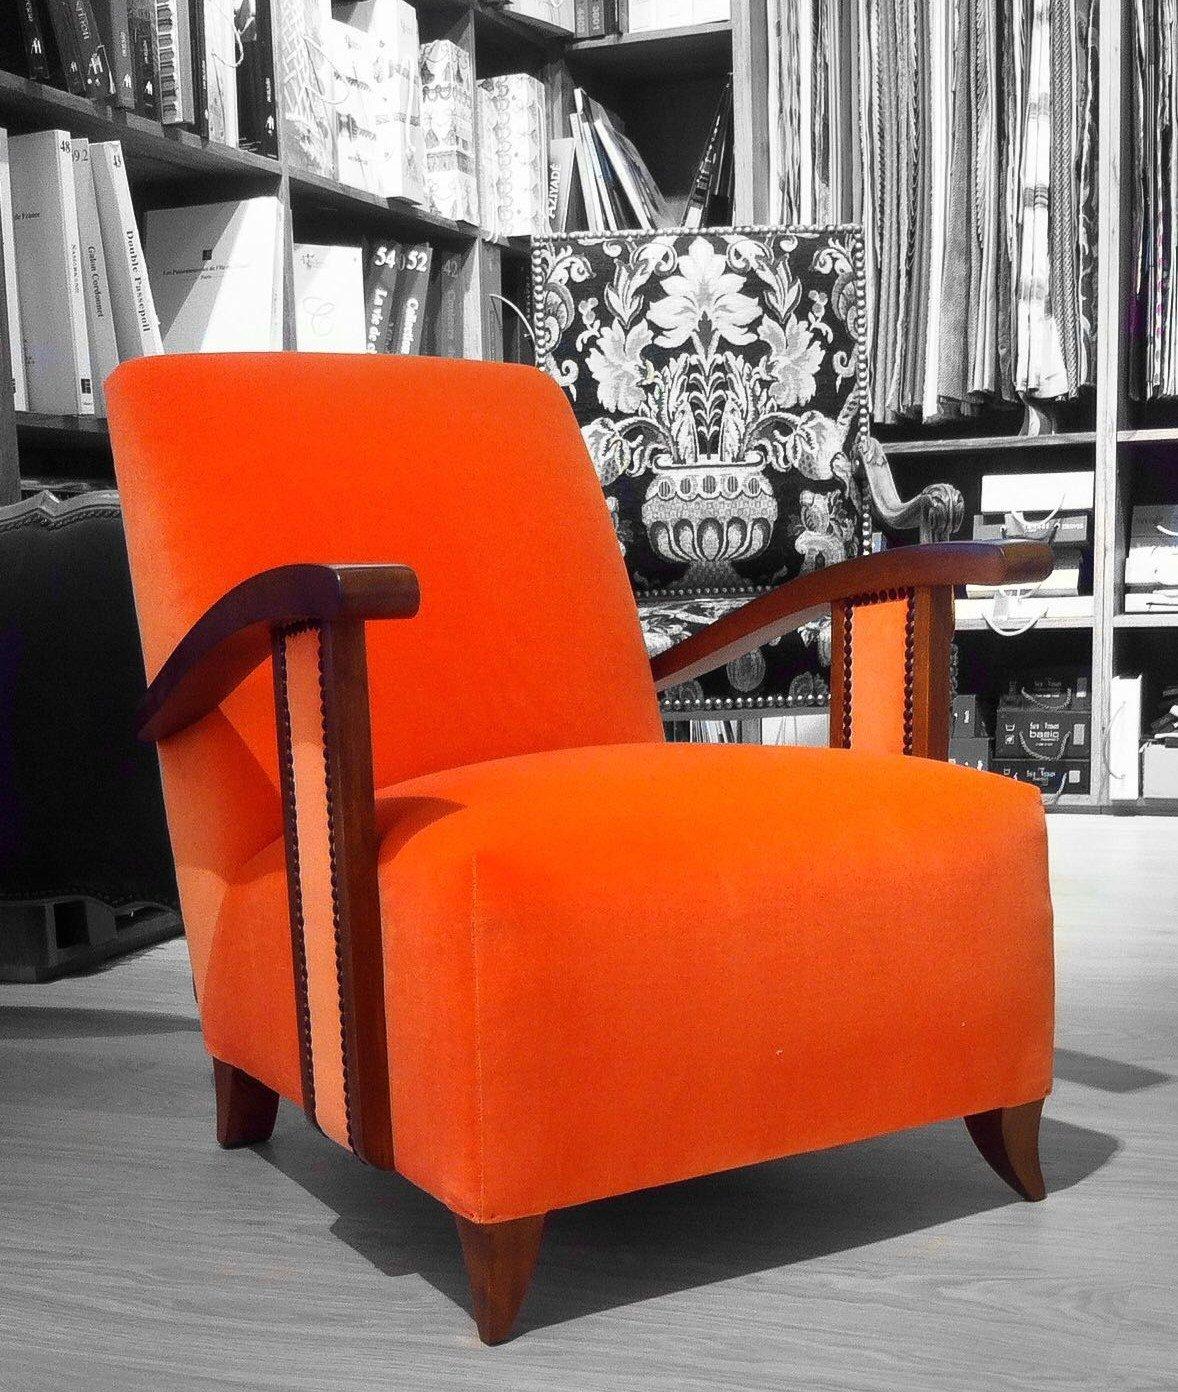 Fauteuil orange Paray